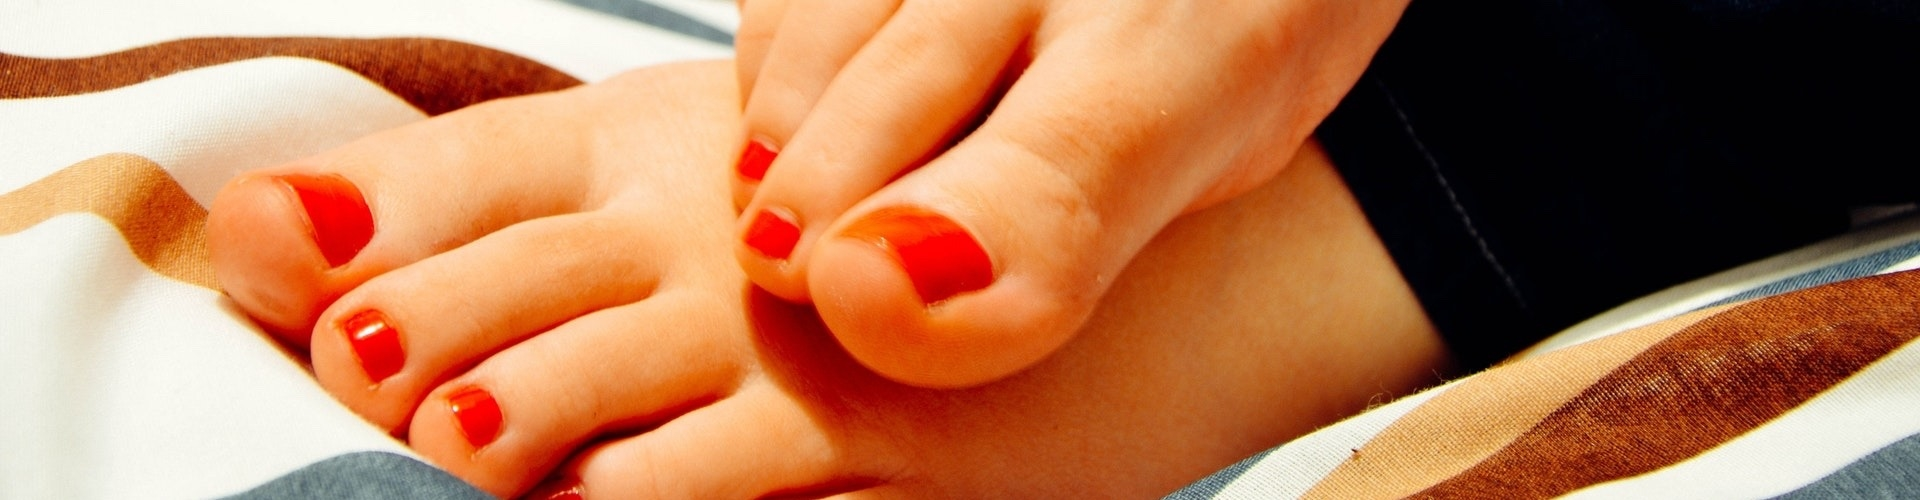 Last van een scheve teen? Train je voeten! Voetentraining